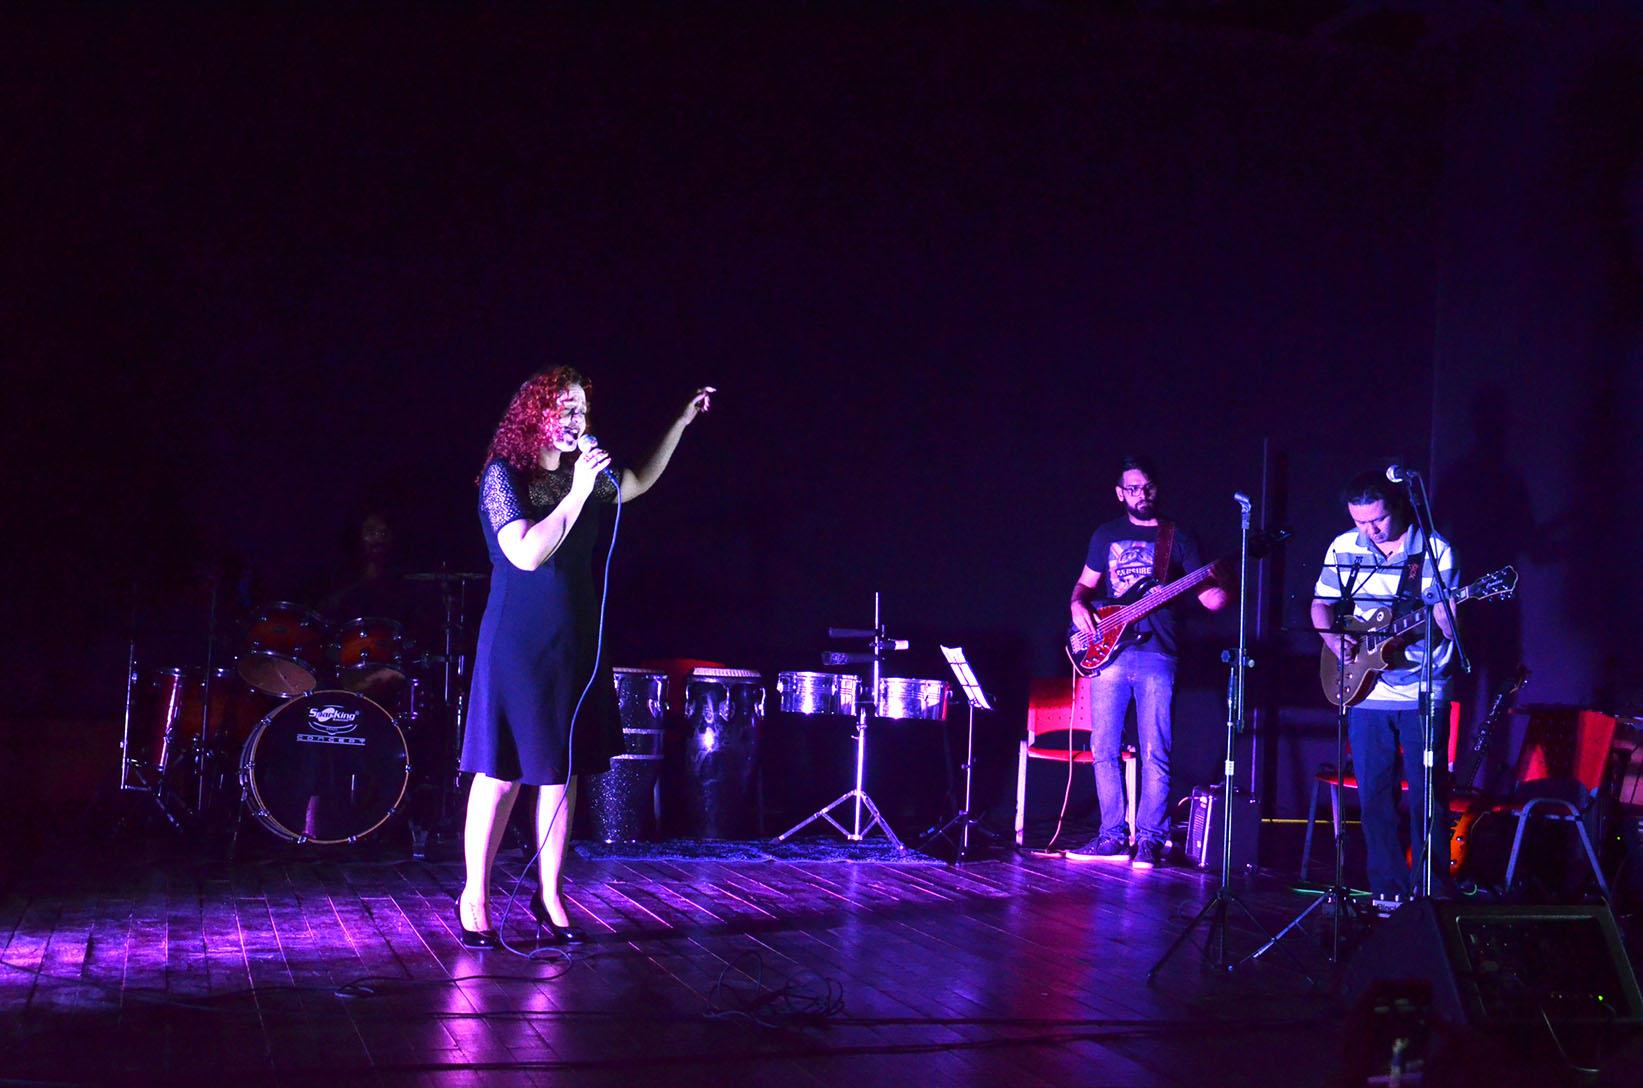 Escola de Música do Acre encerra primeiro semestre com apresentações